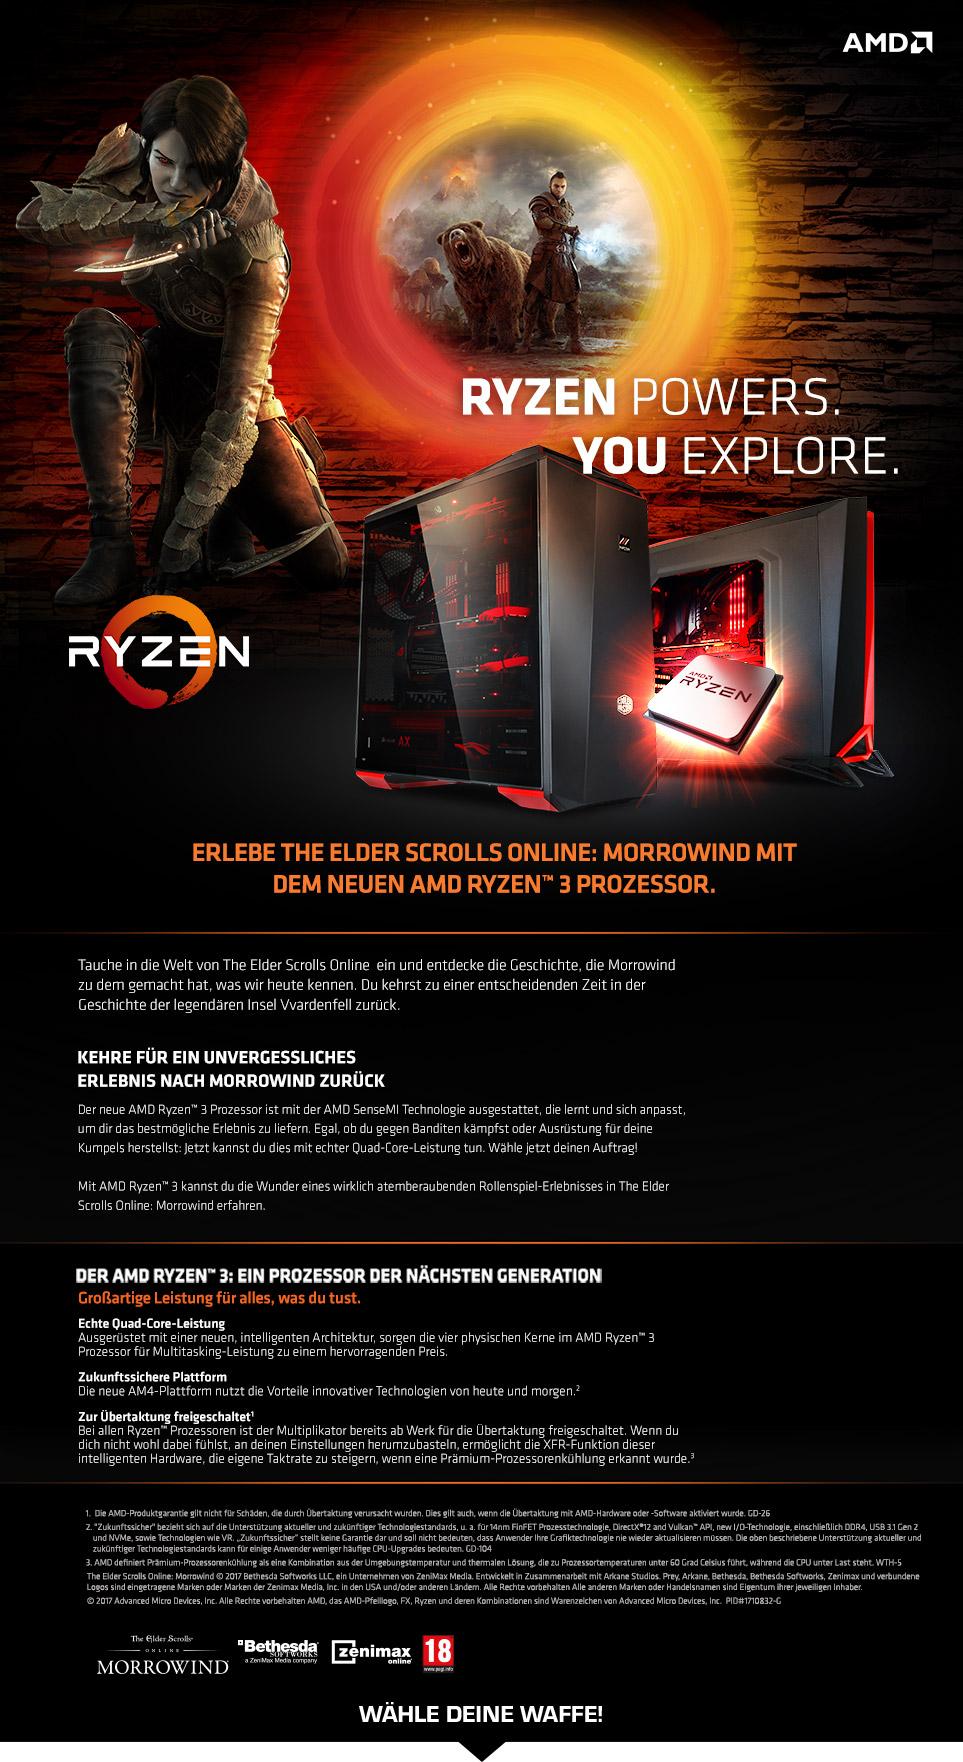 Gaming PCs mit AMD Ryzen 3 Prozessoren